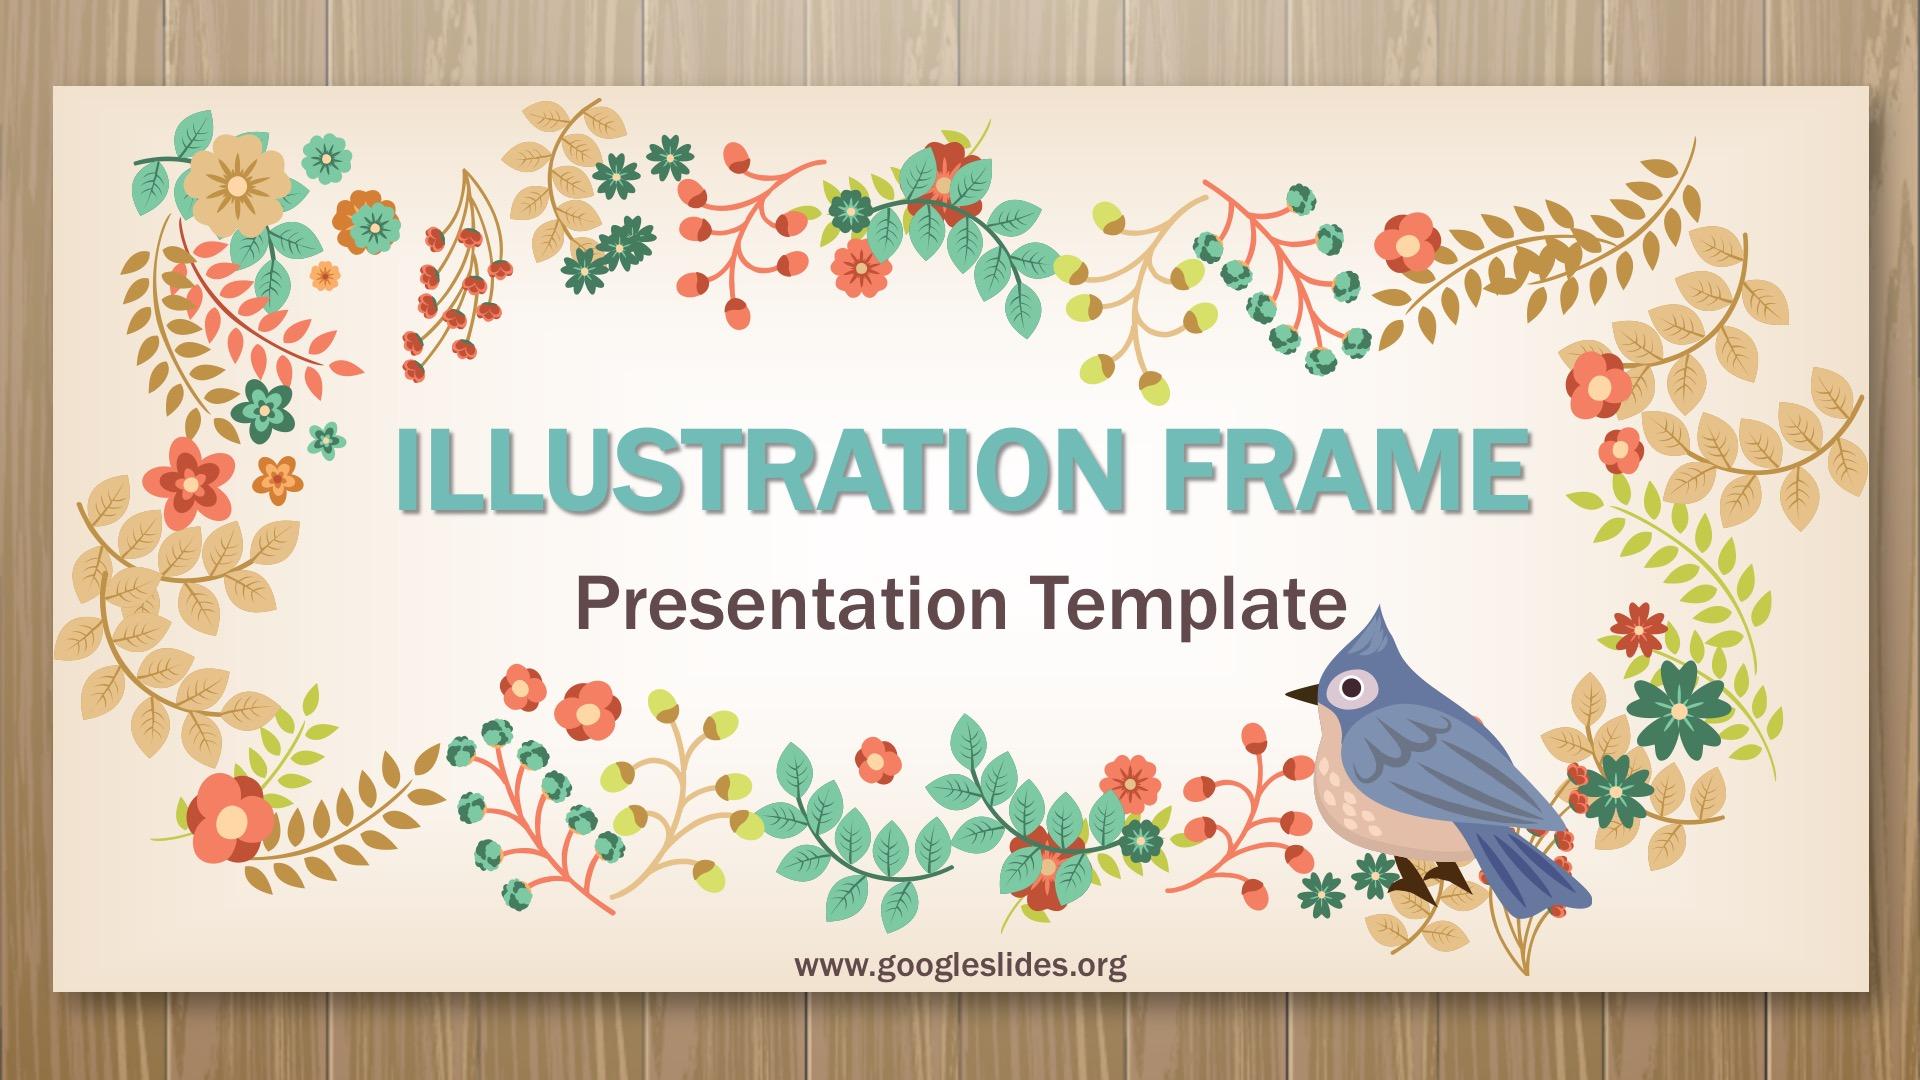 illustration Frame Presentation